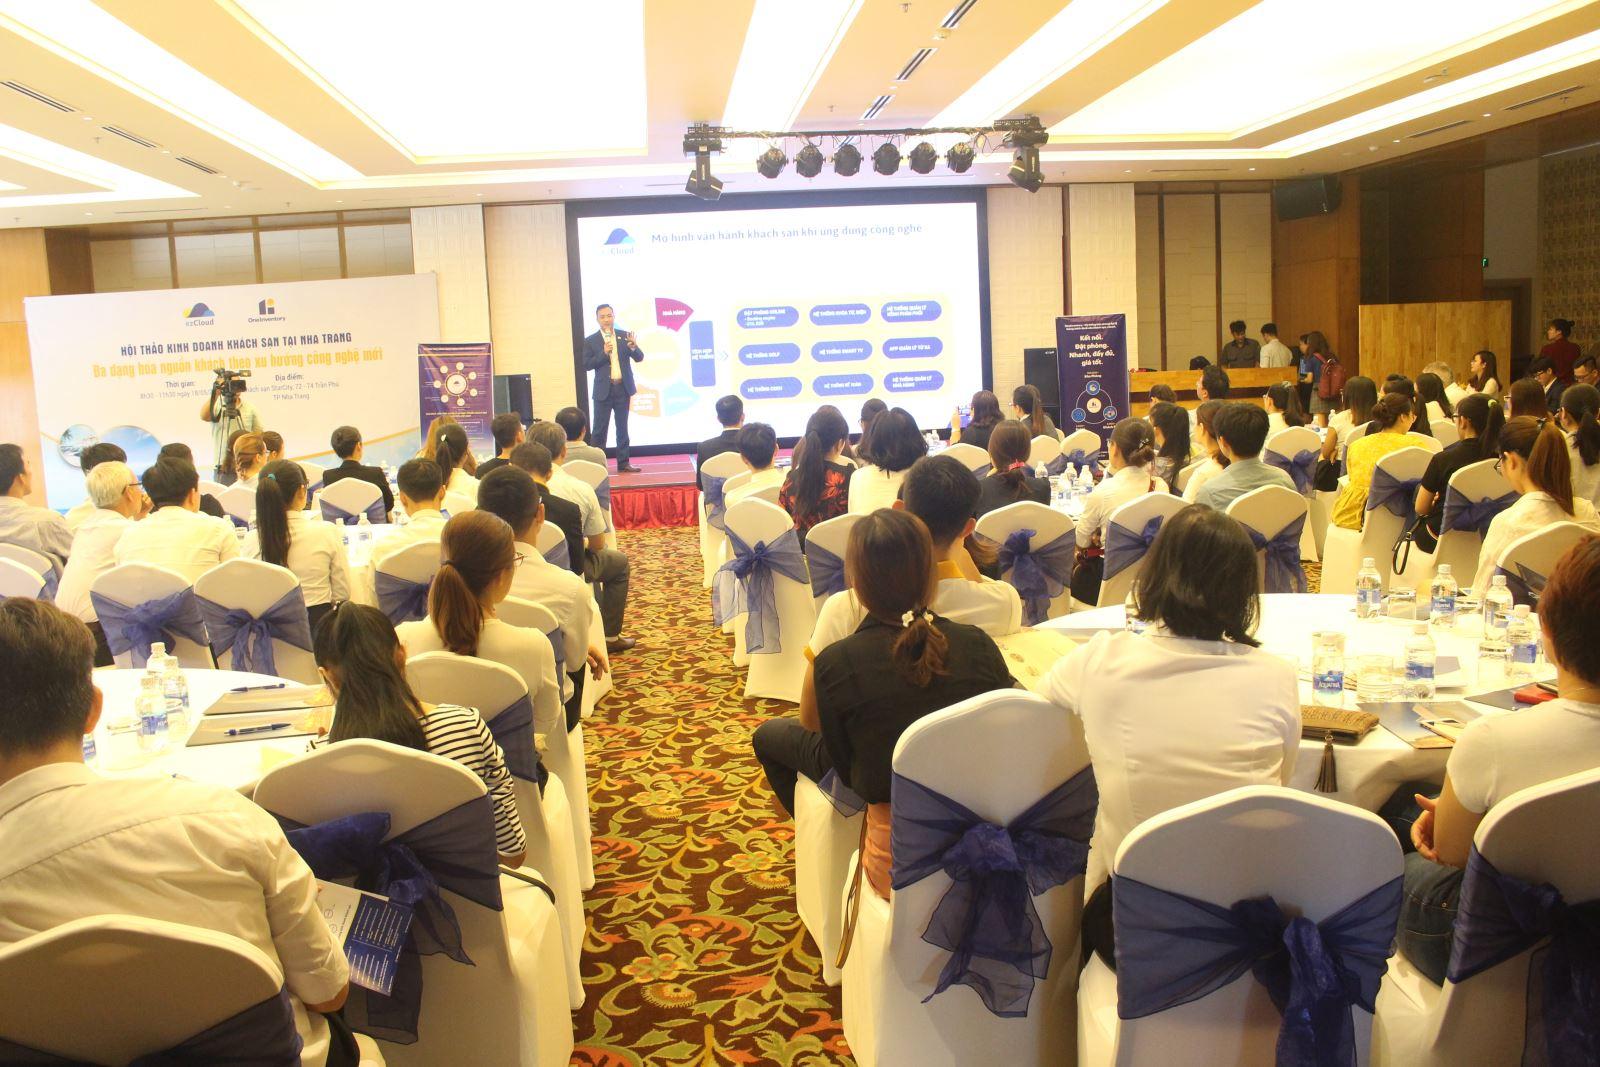 """[dulich.net.vn] ezCloud tổ chức hội thảo: """"Đa dạng hóa nguồn khách theo xu hướng công nghệ mới"""""""